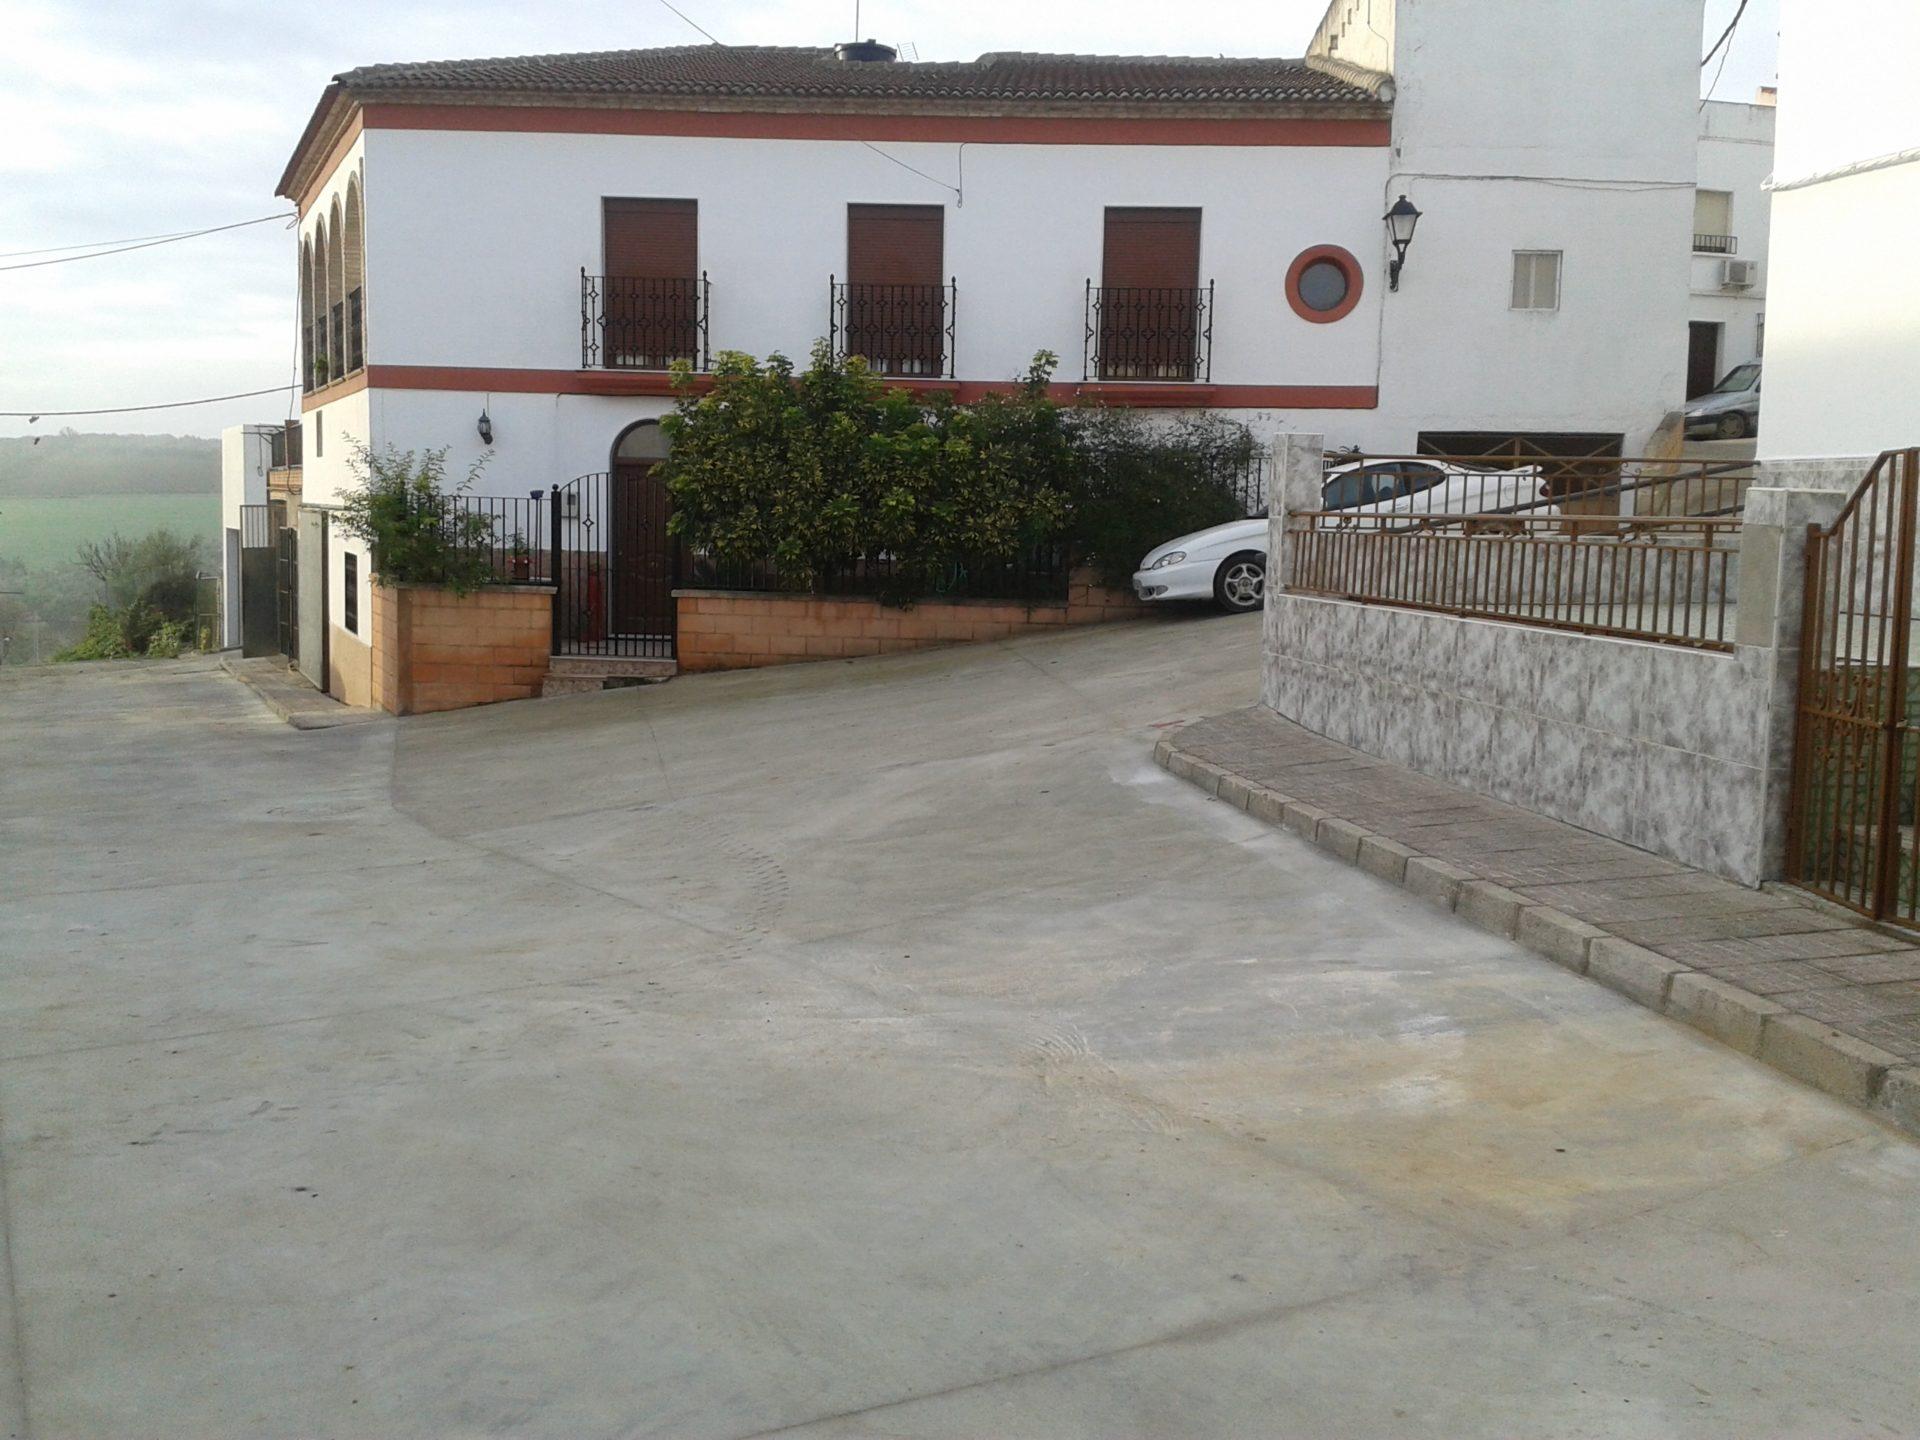 Calles La Fuente y Sol (El Fontanar) 2